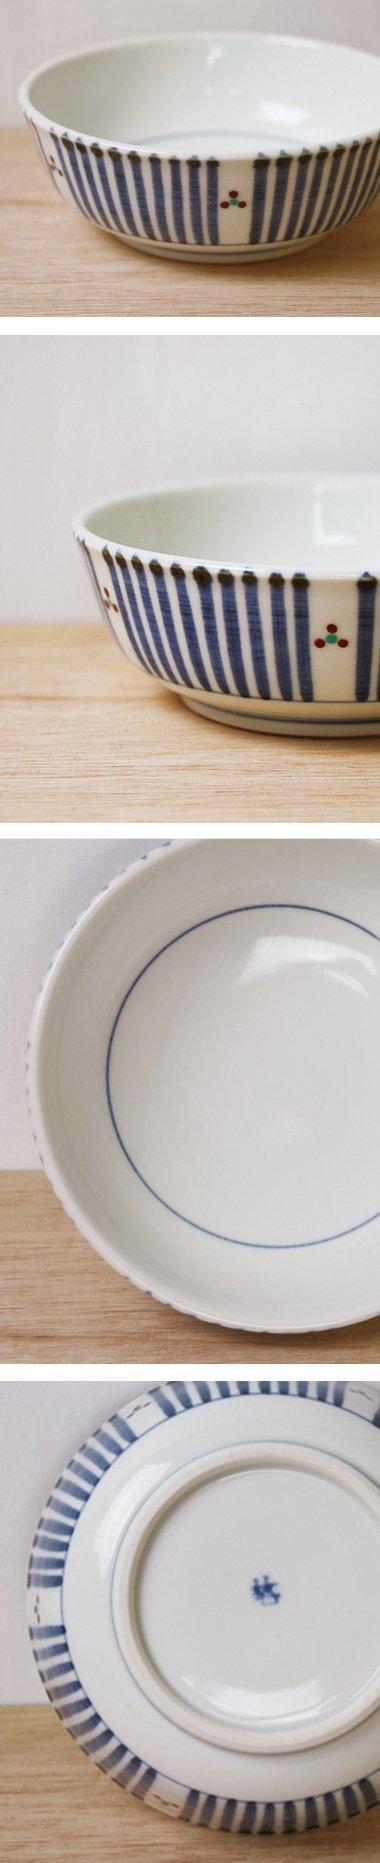 梅山窯,外径14cm×高さ5.2cm,磁器